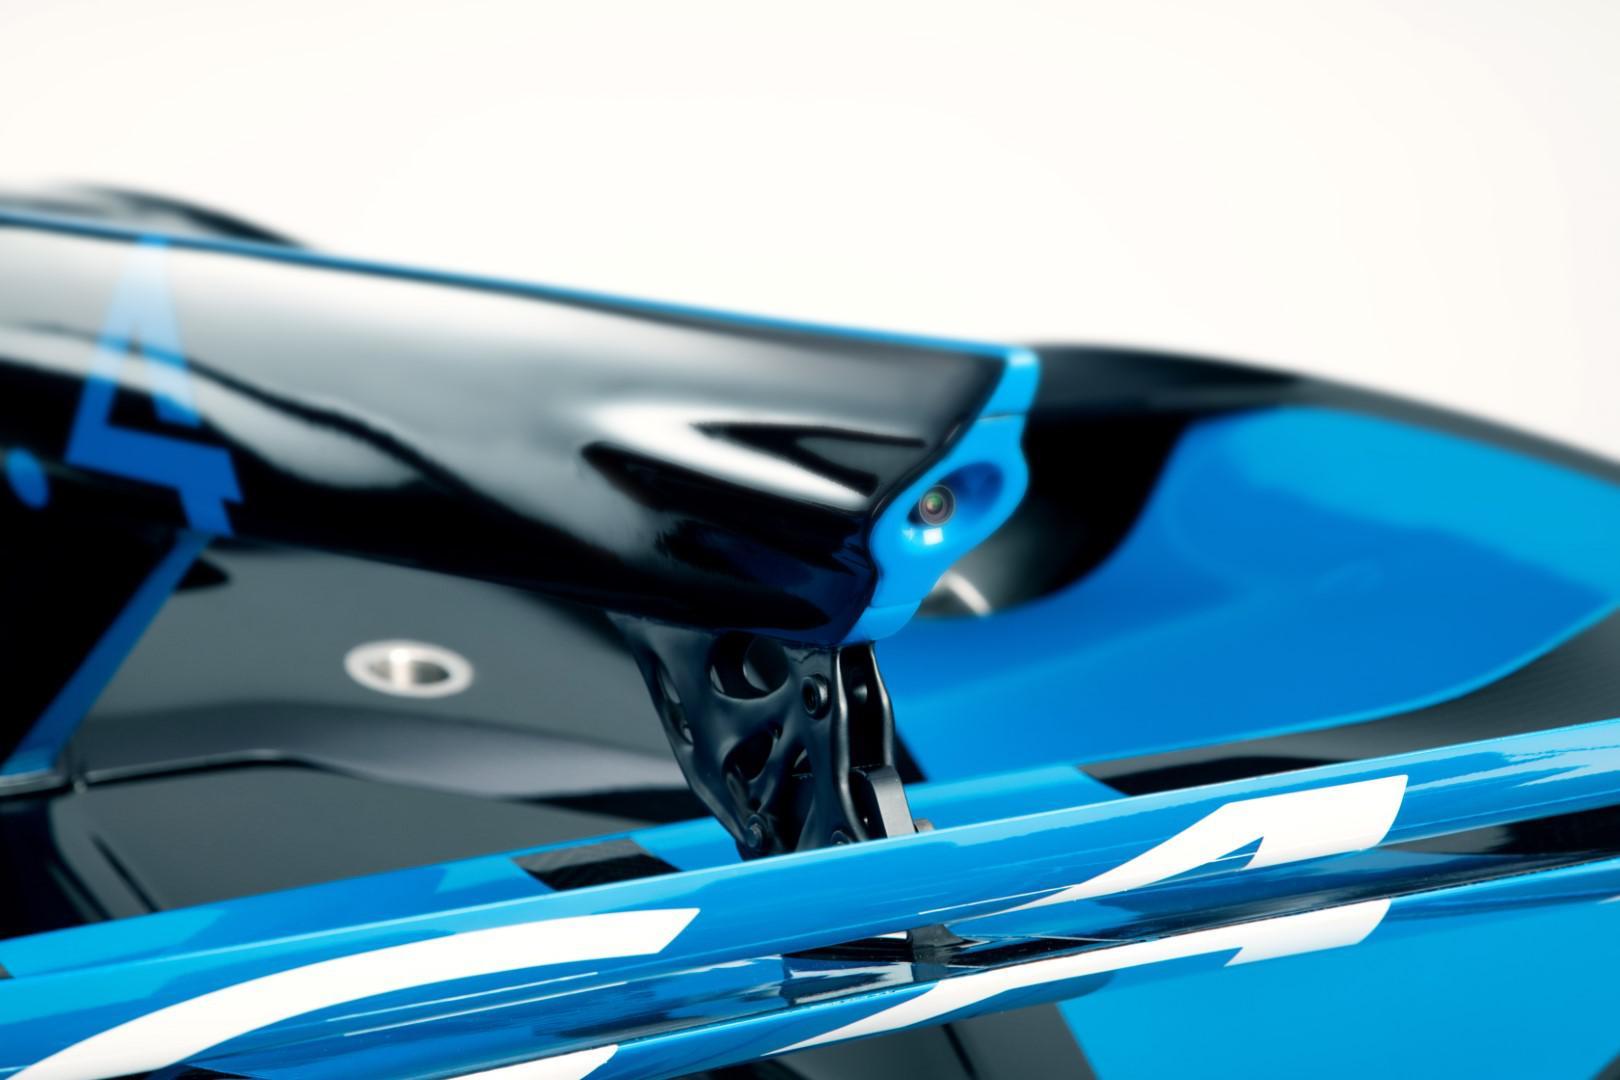 bugatti-imprime-la-perfection-au-dixieme-de-millimetre-1423-9.jpg